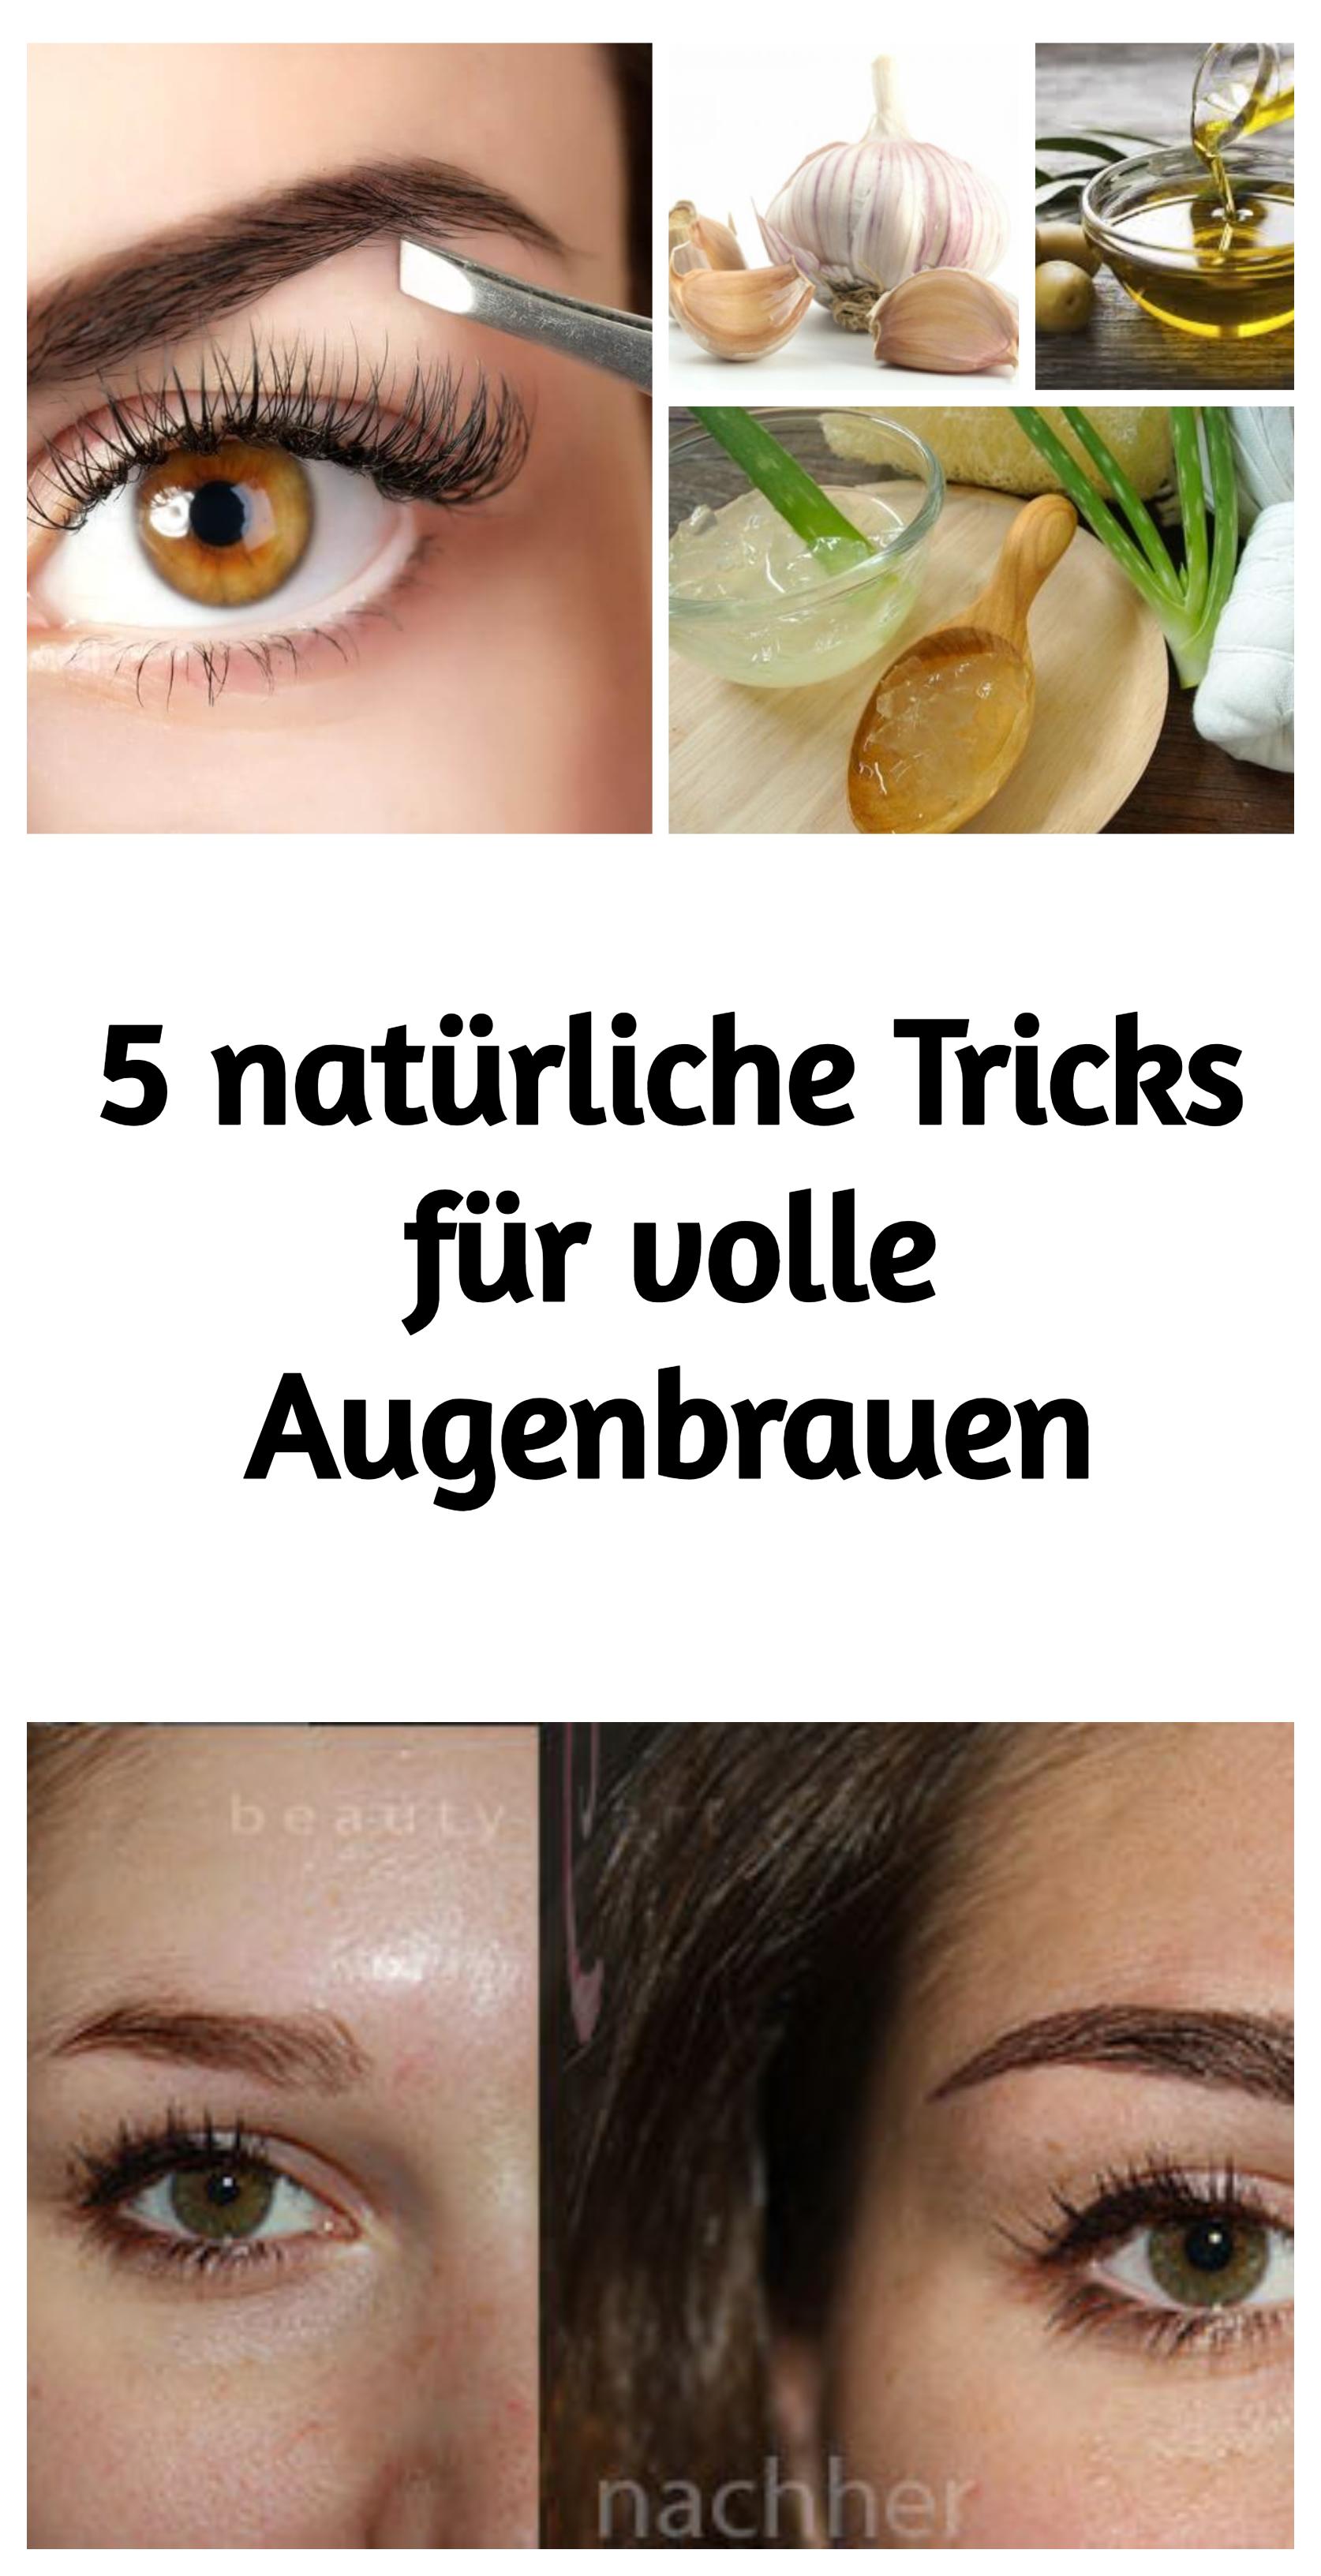 5 natürliche Tricks für volle Augenbrauen   здоровье